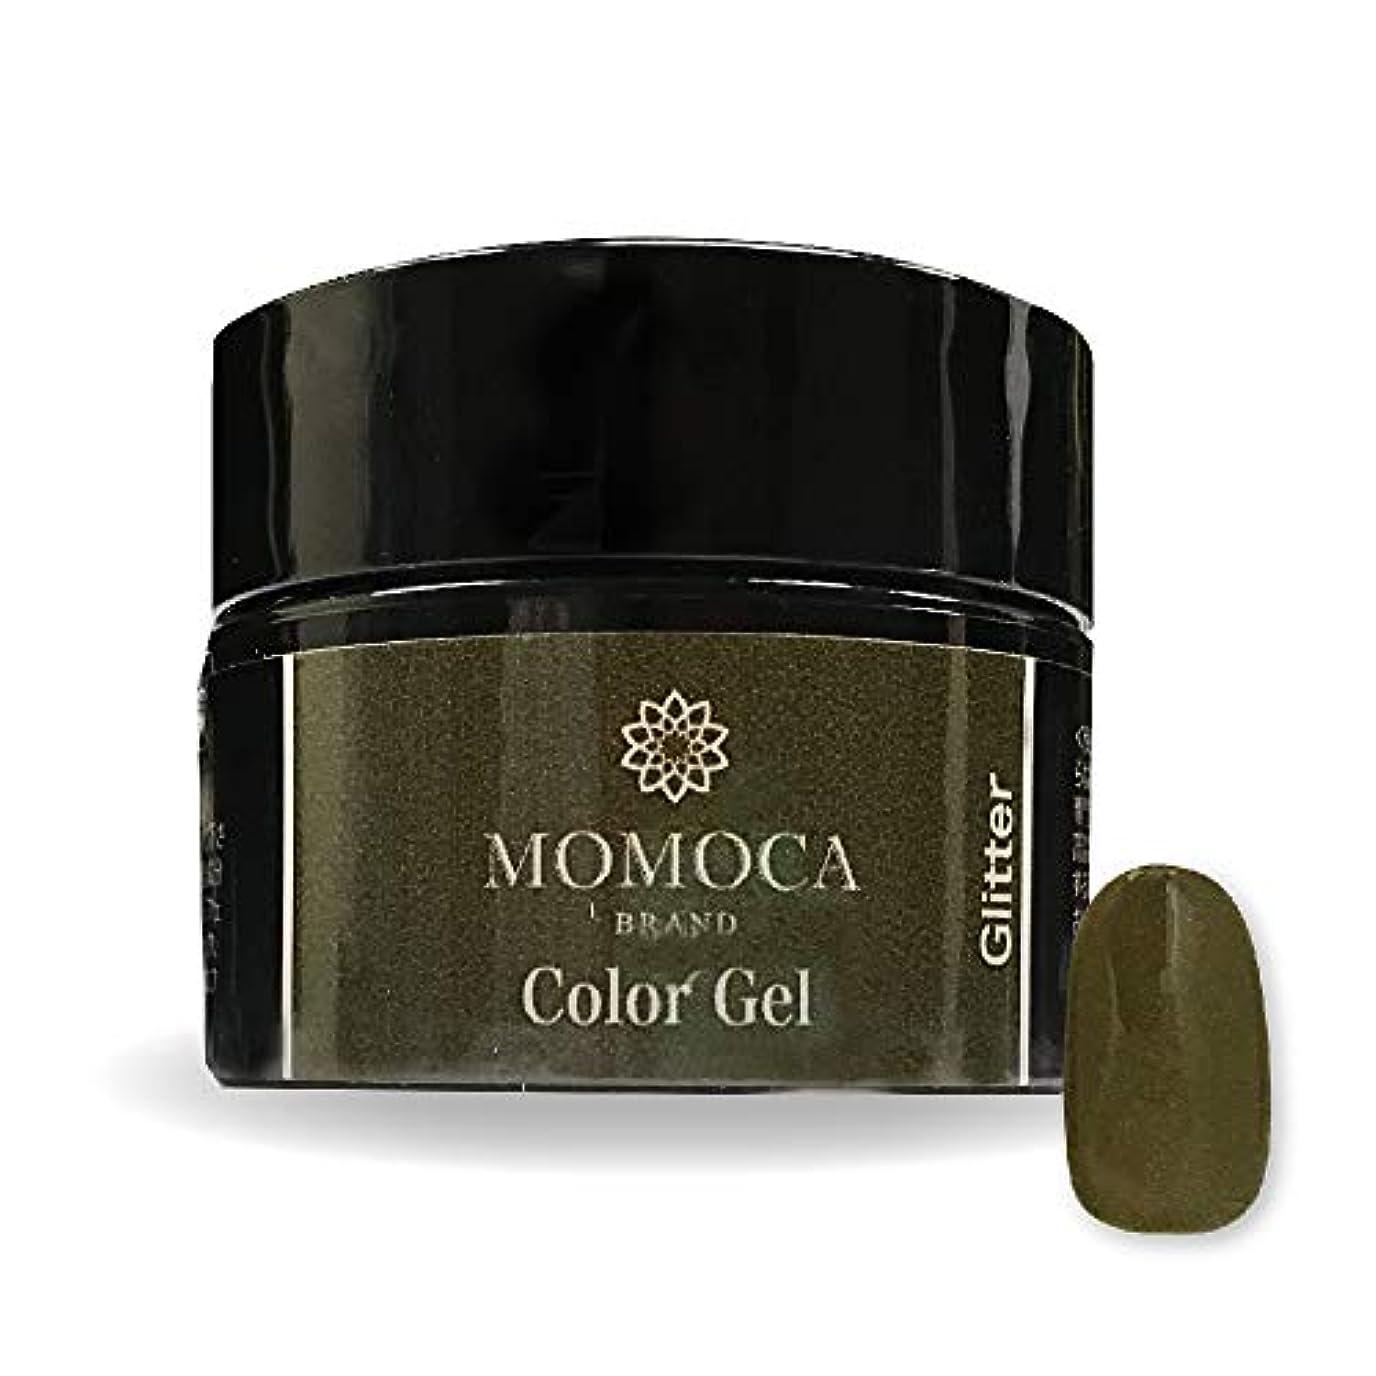 言及する失礼な仮定、想定。推測MOMOCA モモカ ジェルネイル サロン品質 高発色 長持ち プロ仕様 ネイルサロン ネイリスト (503G Khaki green カーキグリーン)